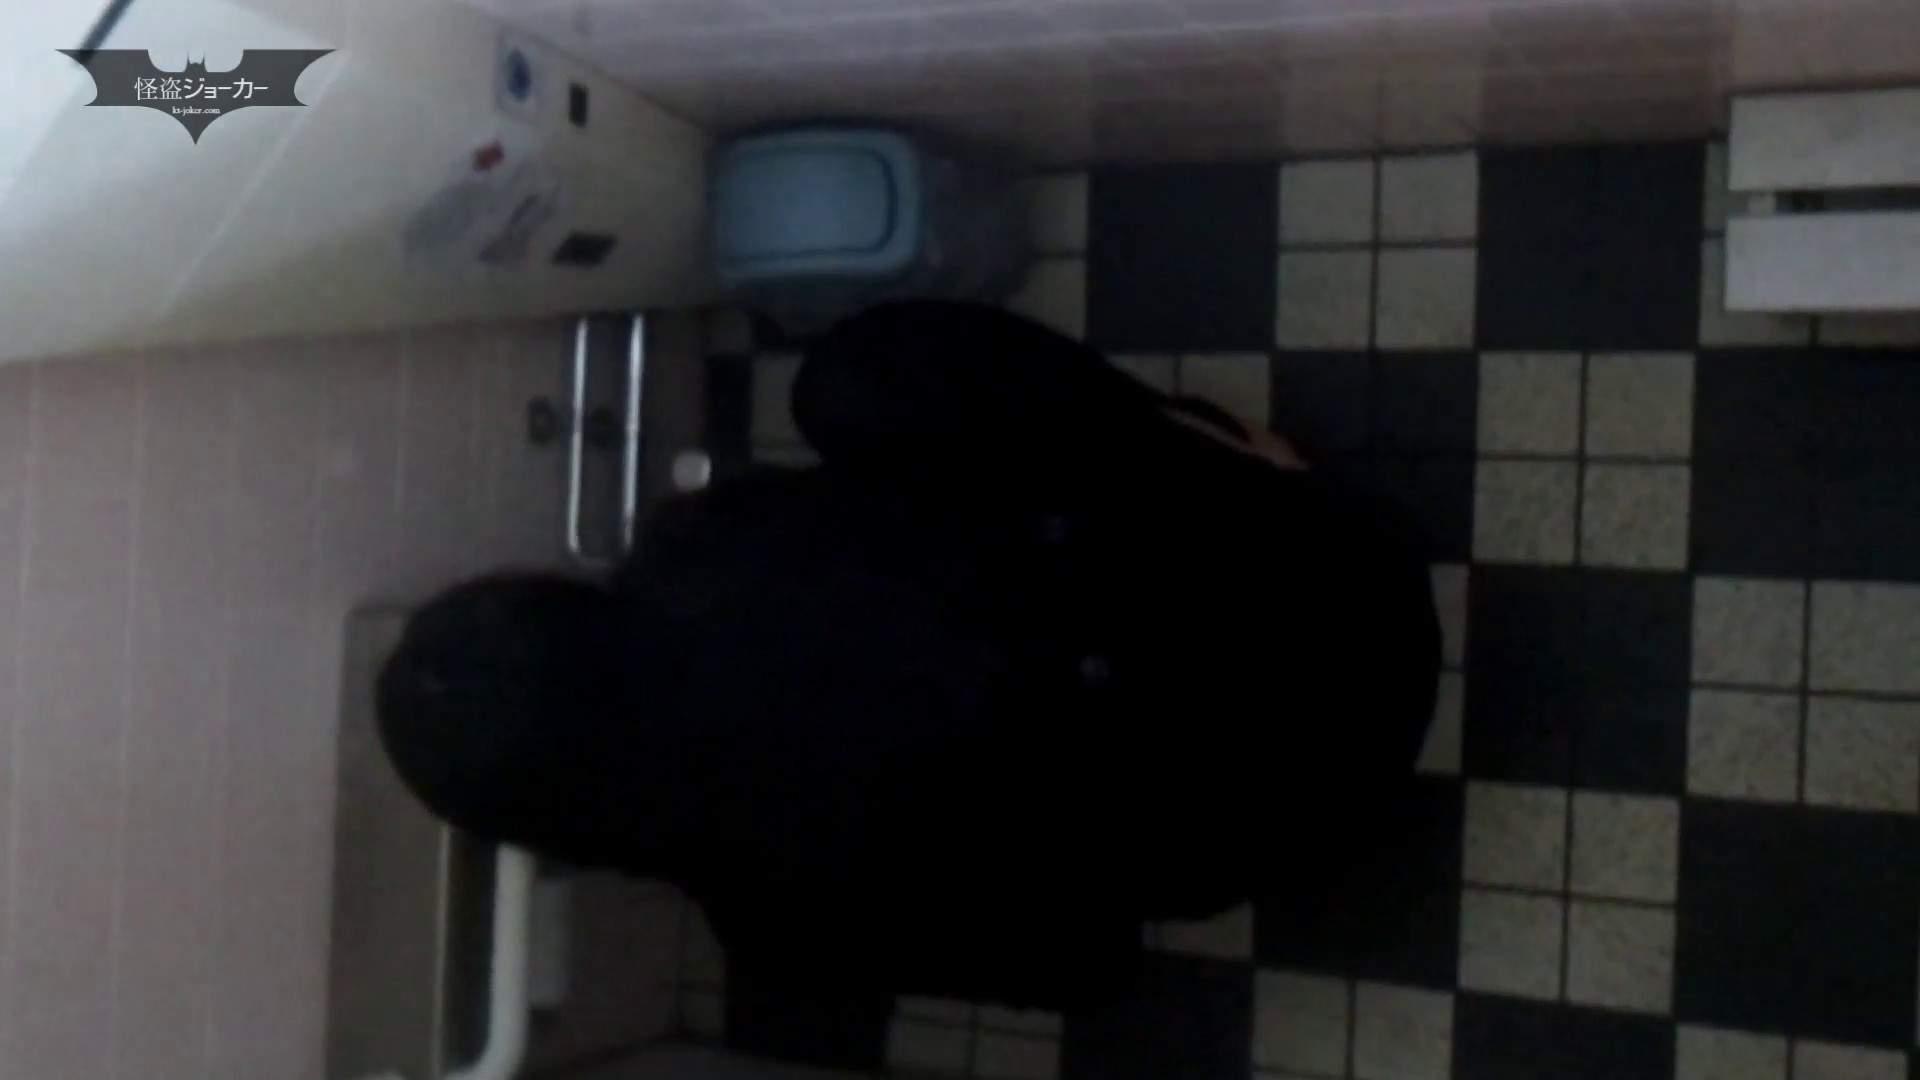 化粧室絵巻 駅舎編 VOL.13 銀河さんおススメです。 隠れた名作 濡れ場動画紹介 100枚 83